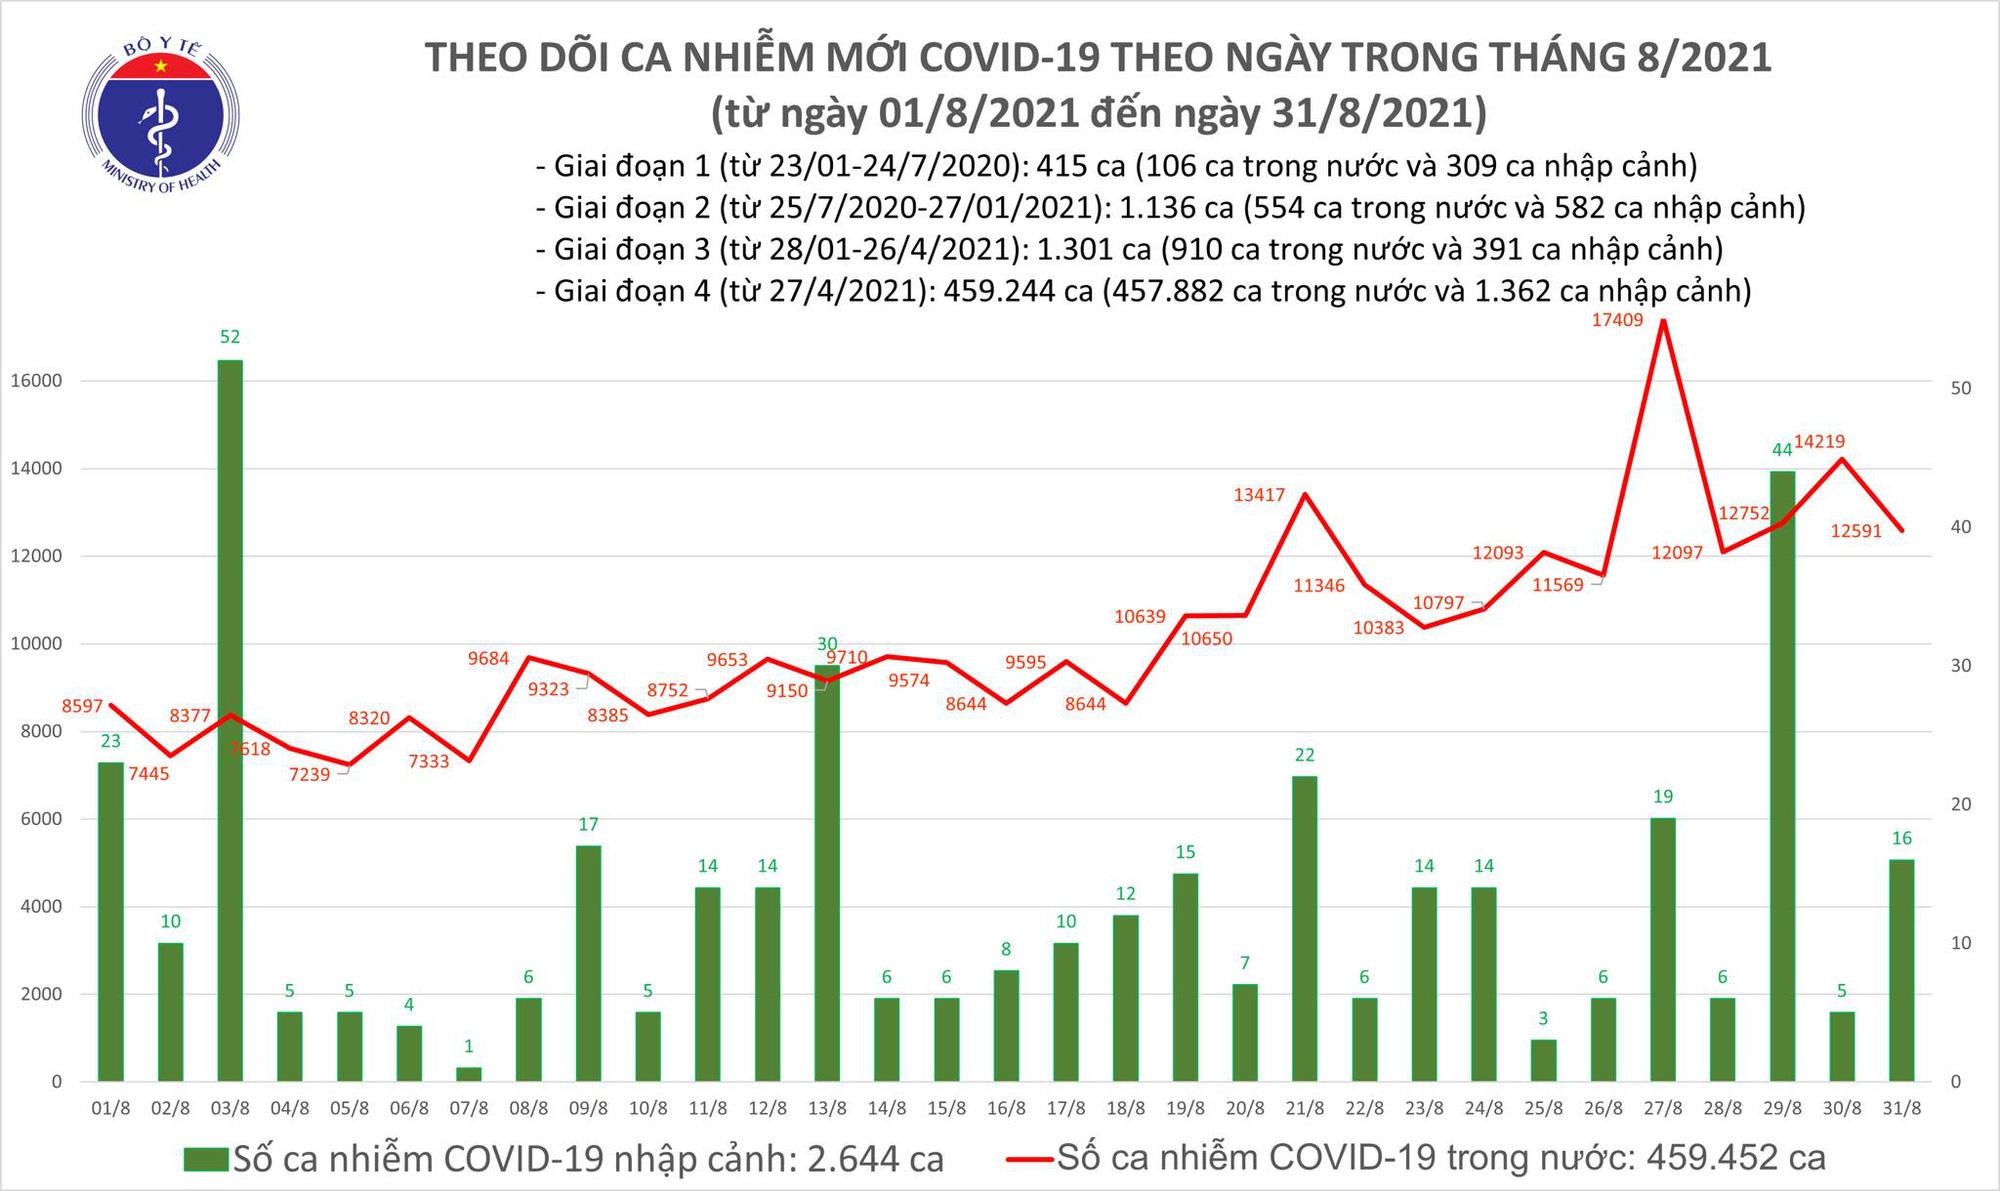 Tối 31/8: Có 12.607 ca mắc COVID-19, TP HCM và Bình Dương đã chiếm đến 9.974 ca - Ảnh 1.